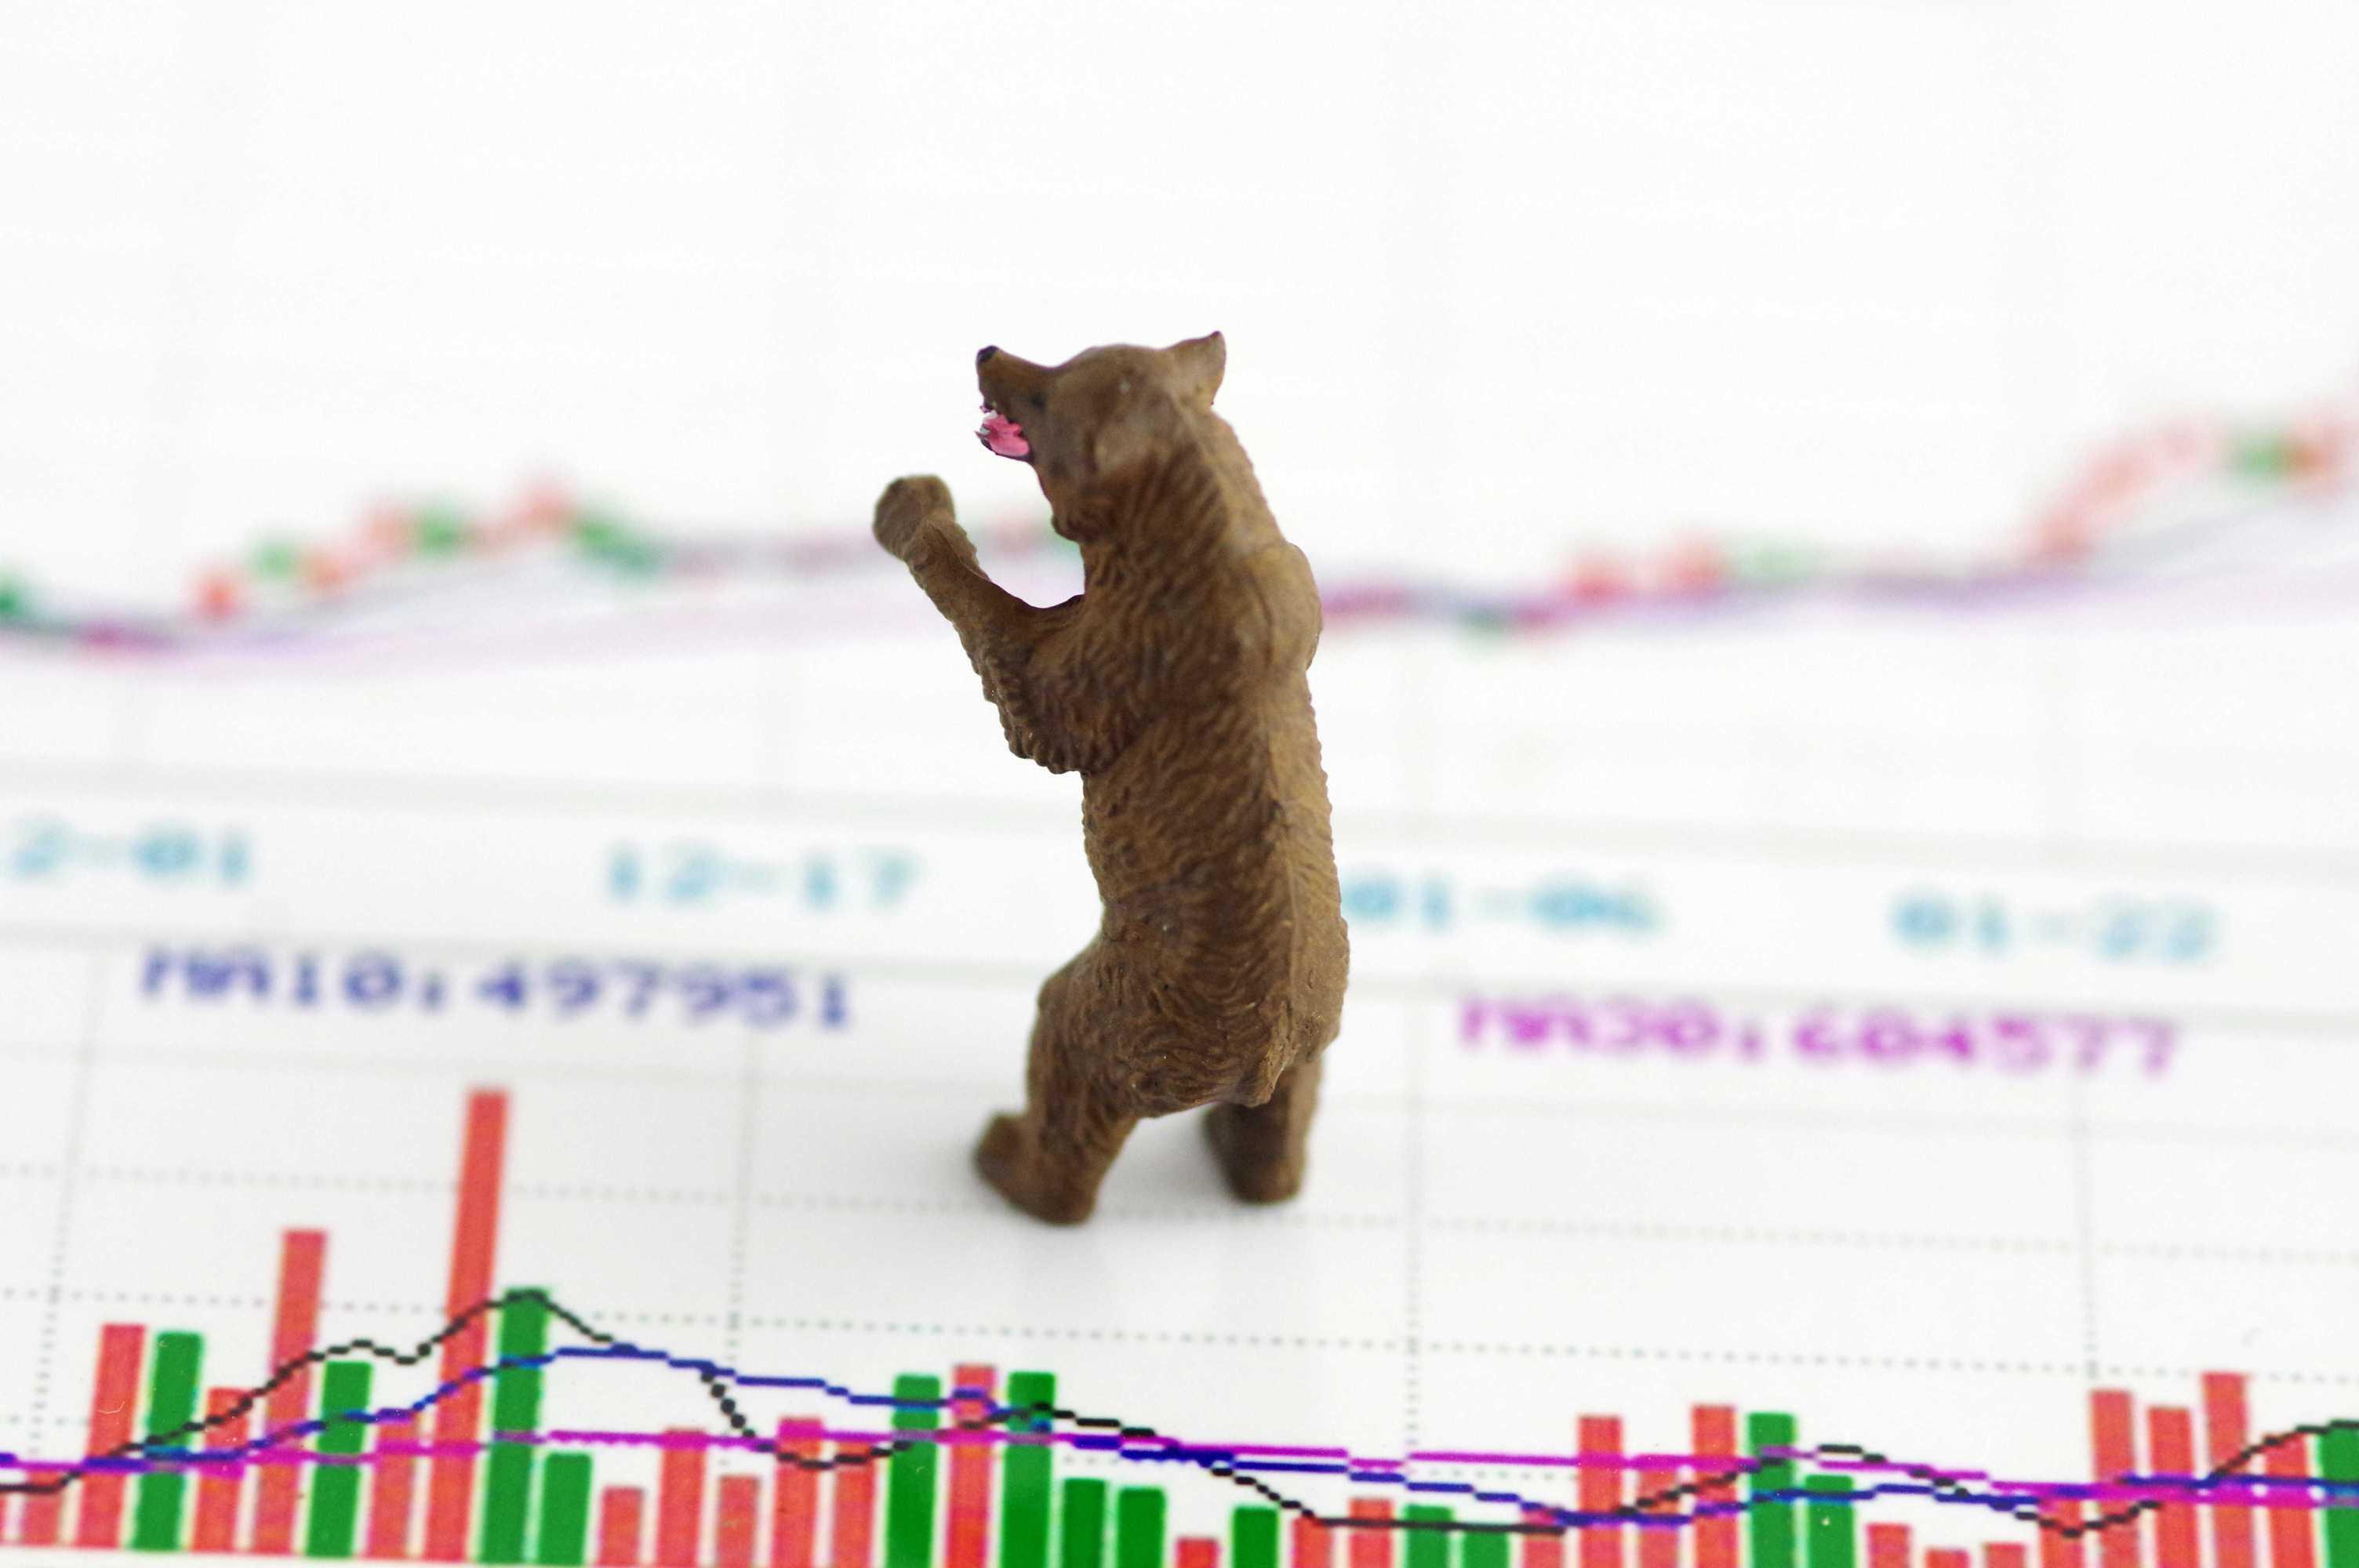 和记电讯香港(00215.HK)除净日大跌17.19%,增长乏力市场不再看好?